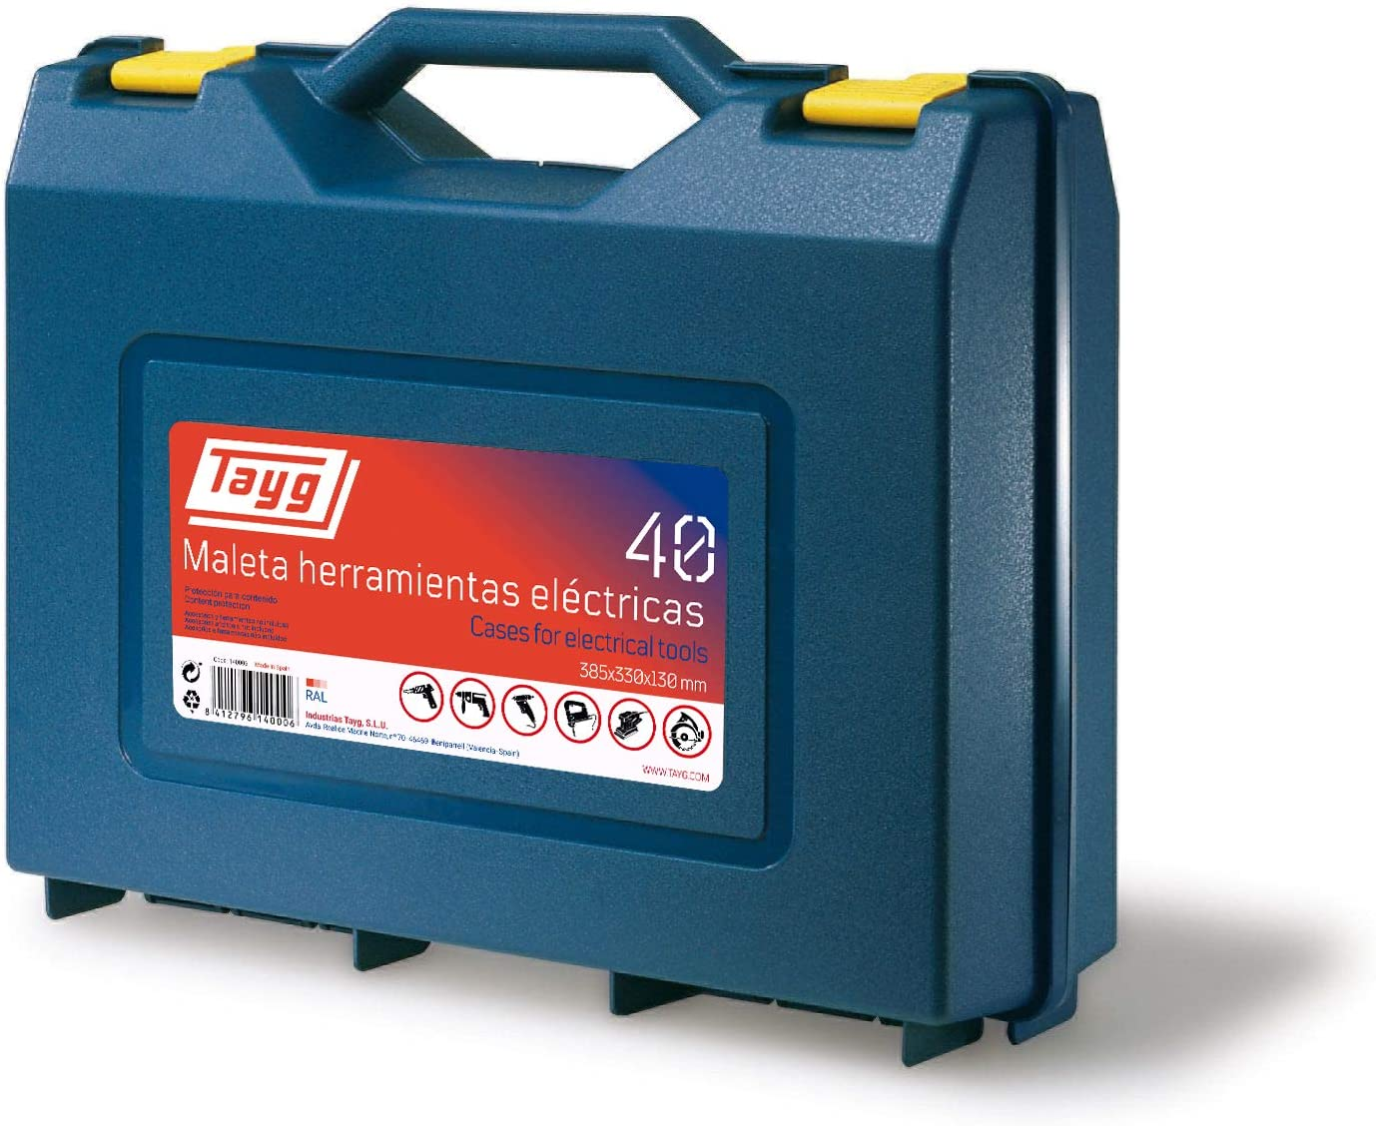 Tayg - Maleta herramientas eléctricas nº 40: Amazon.es: Bricolaje ...